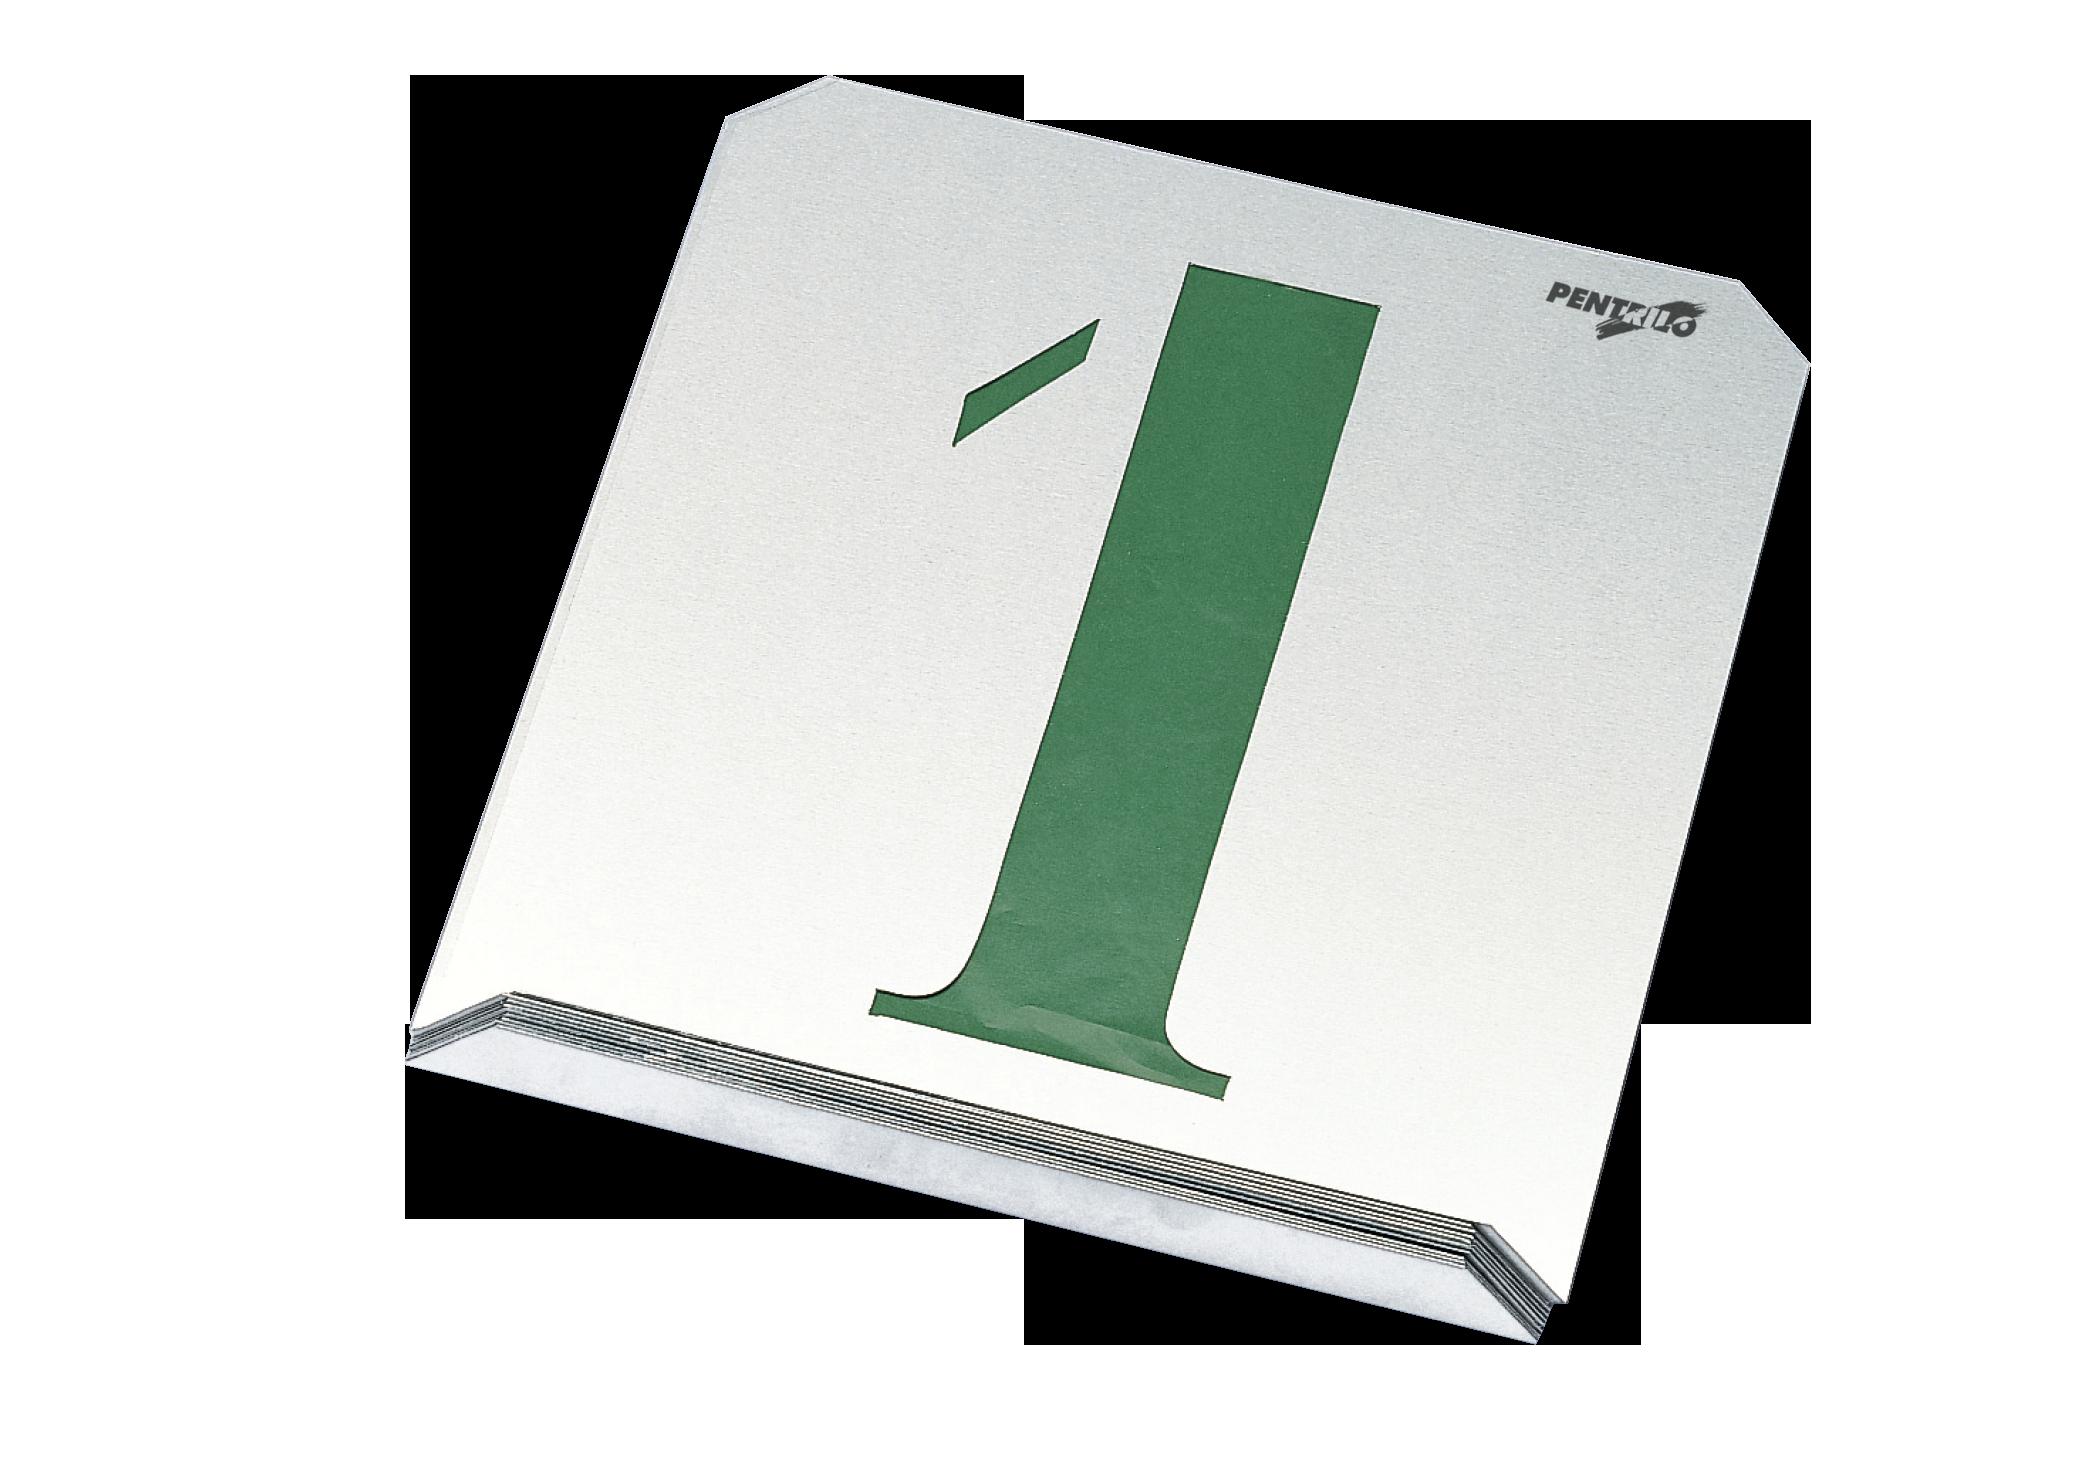 Juego 10 números - Ideal para rotulación / www.pentrilo ...